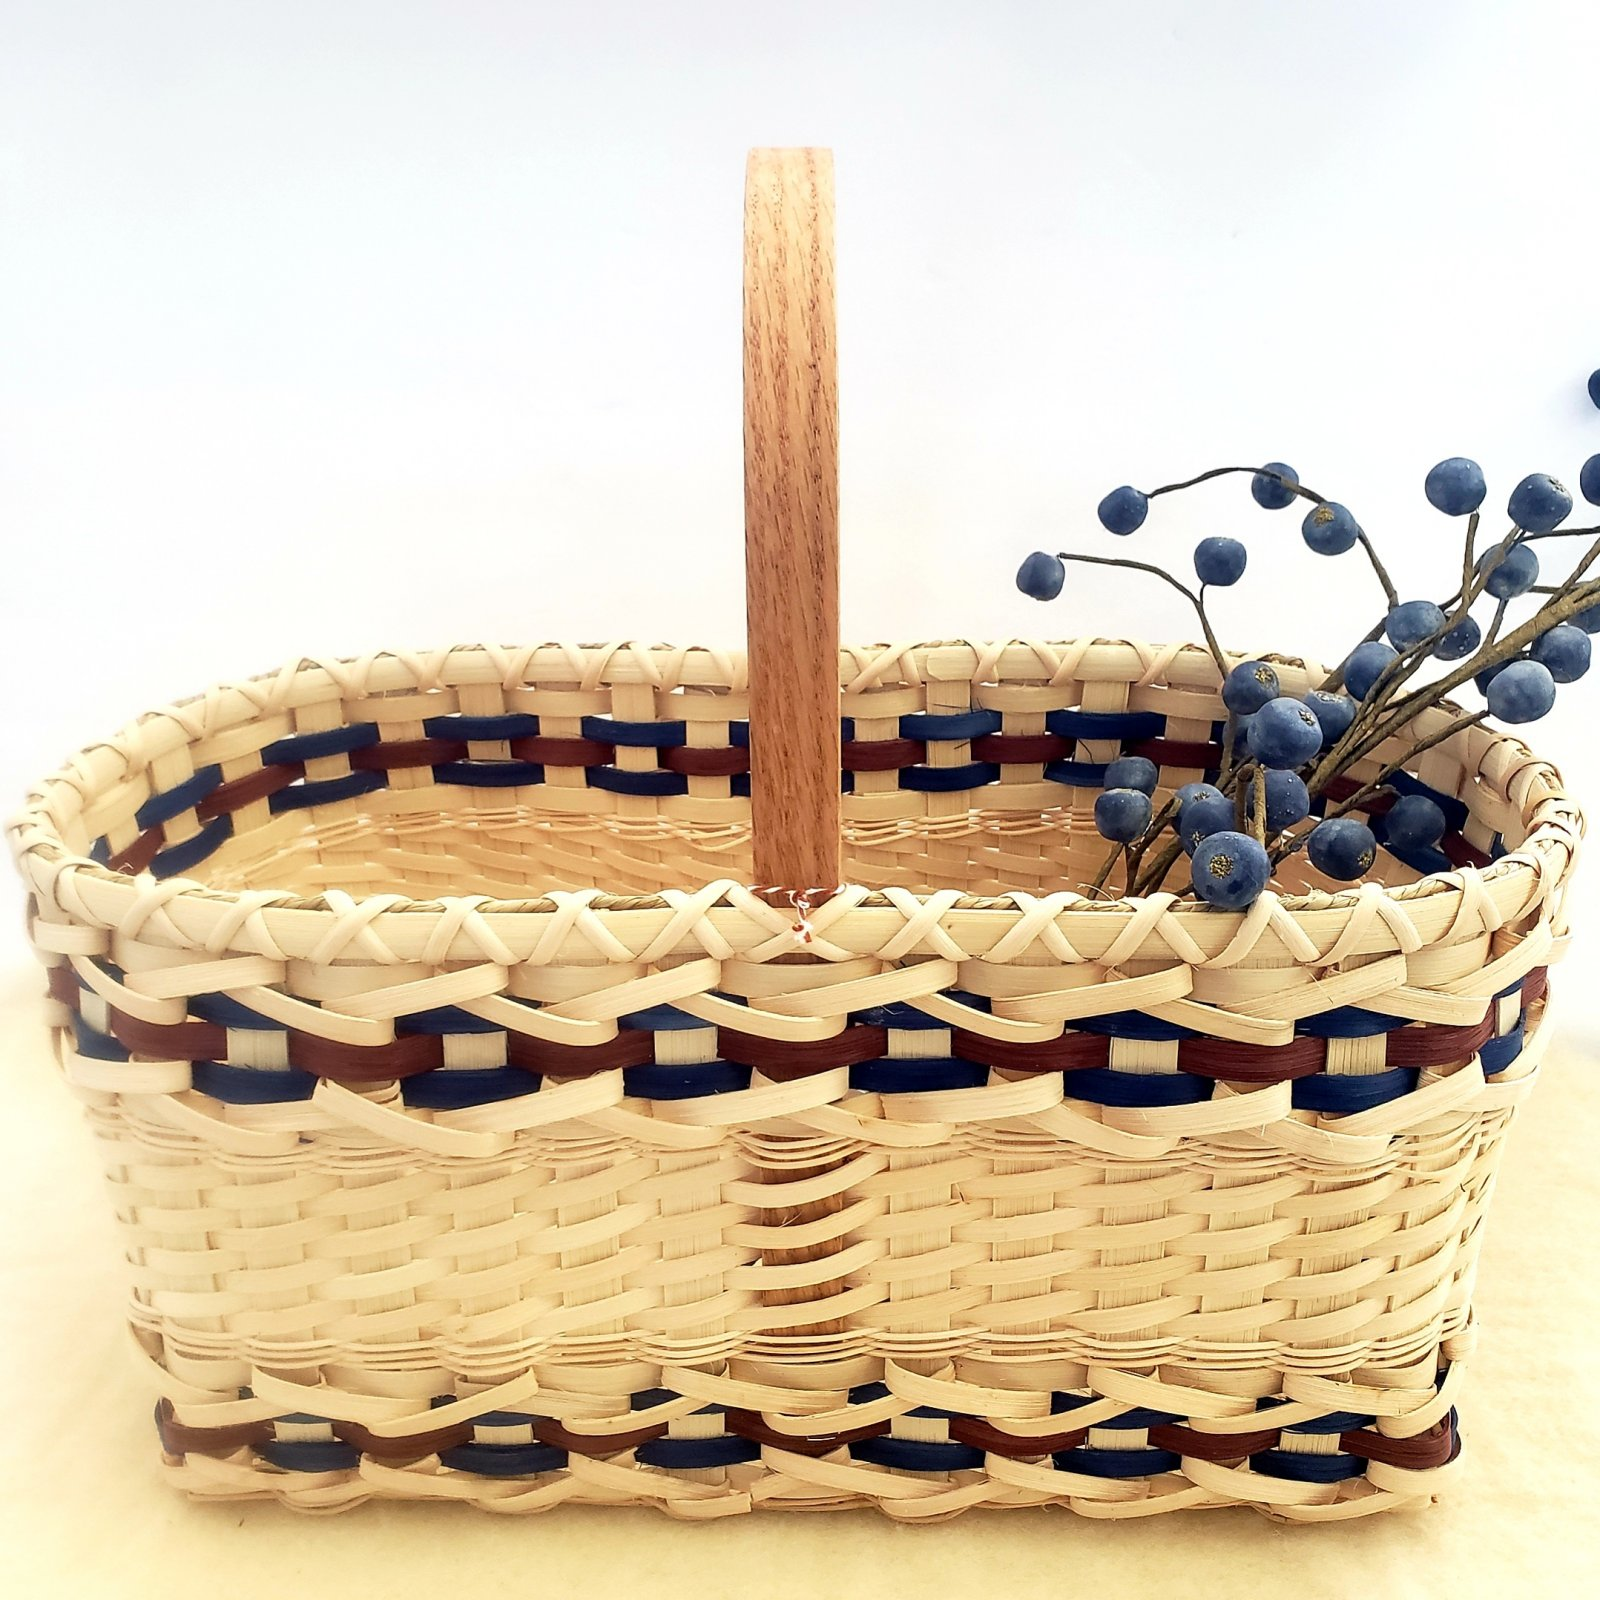 39-Market or Tote Basket